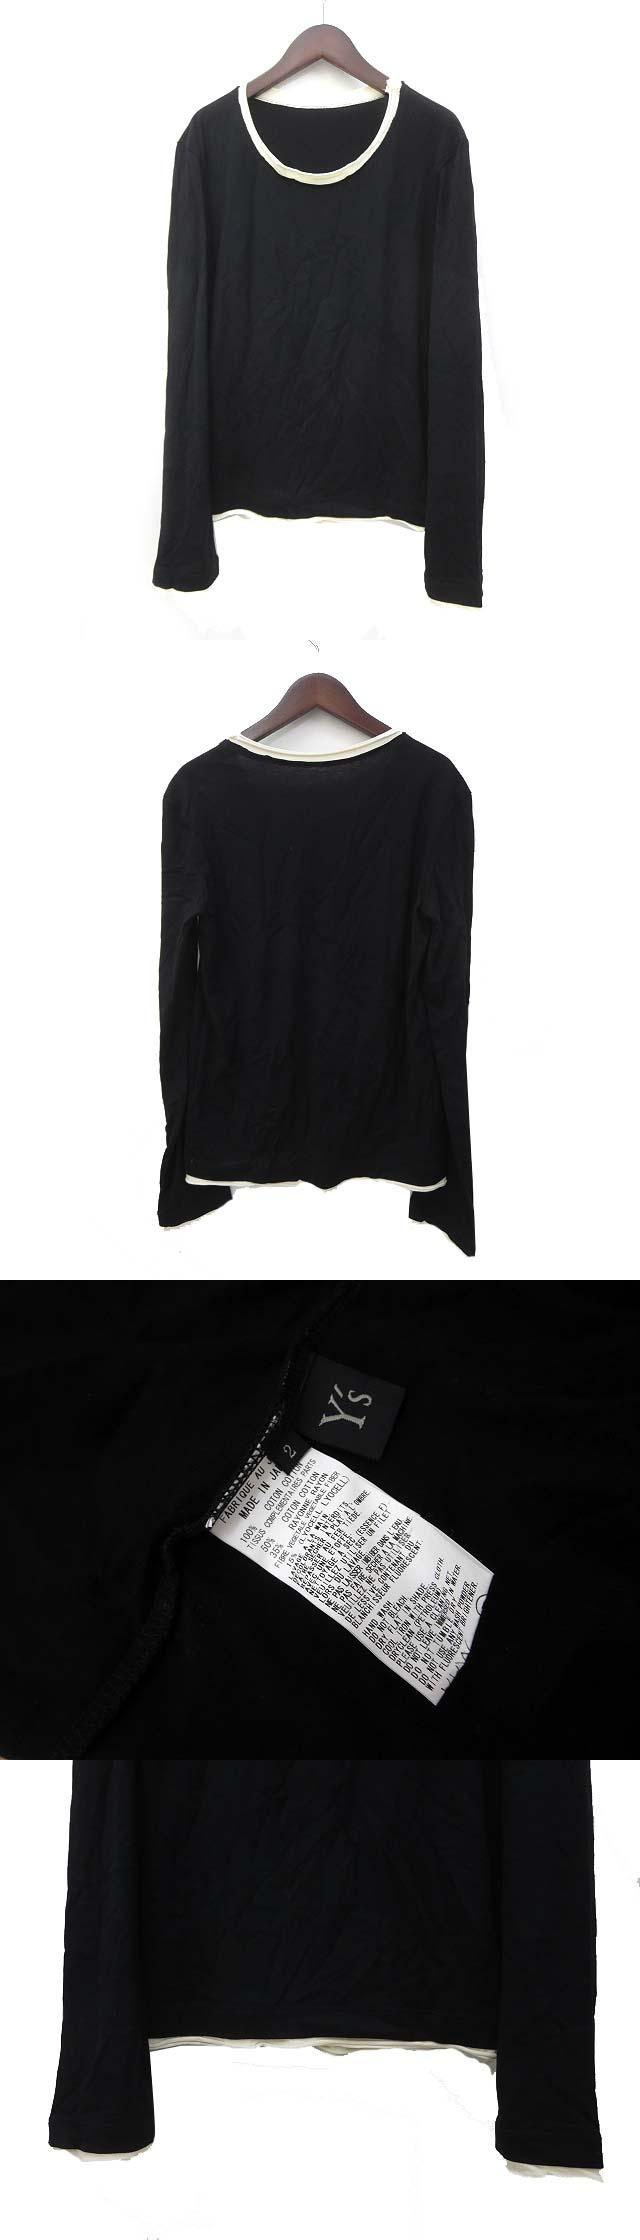 Y's YOHJI YAMAMOTO ワイズ ヨウジヤマモト レイヤード デザイン 長袖 カットソー 2 ブラック ホワイト